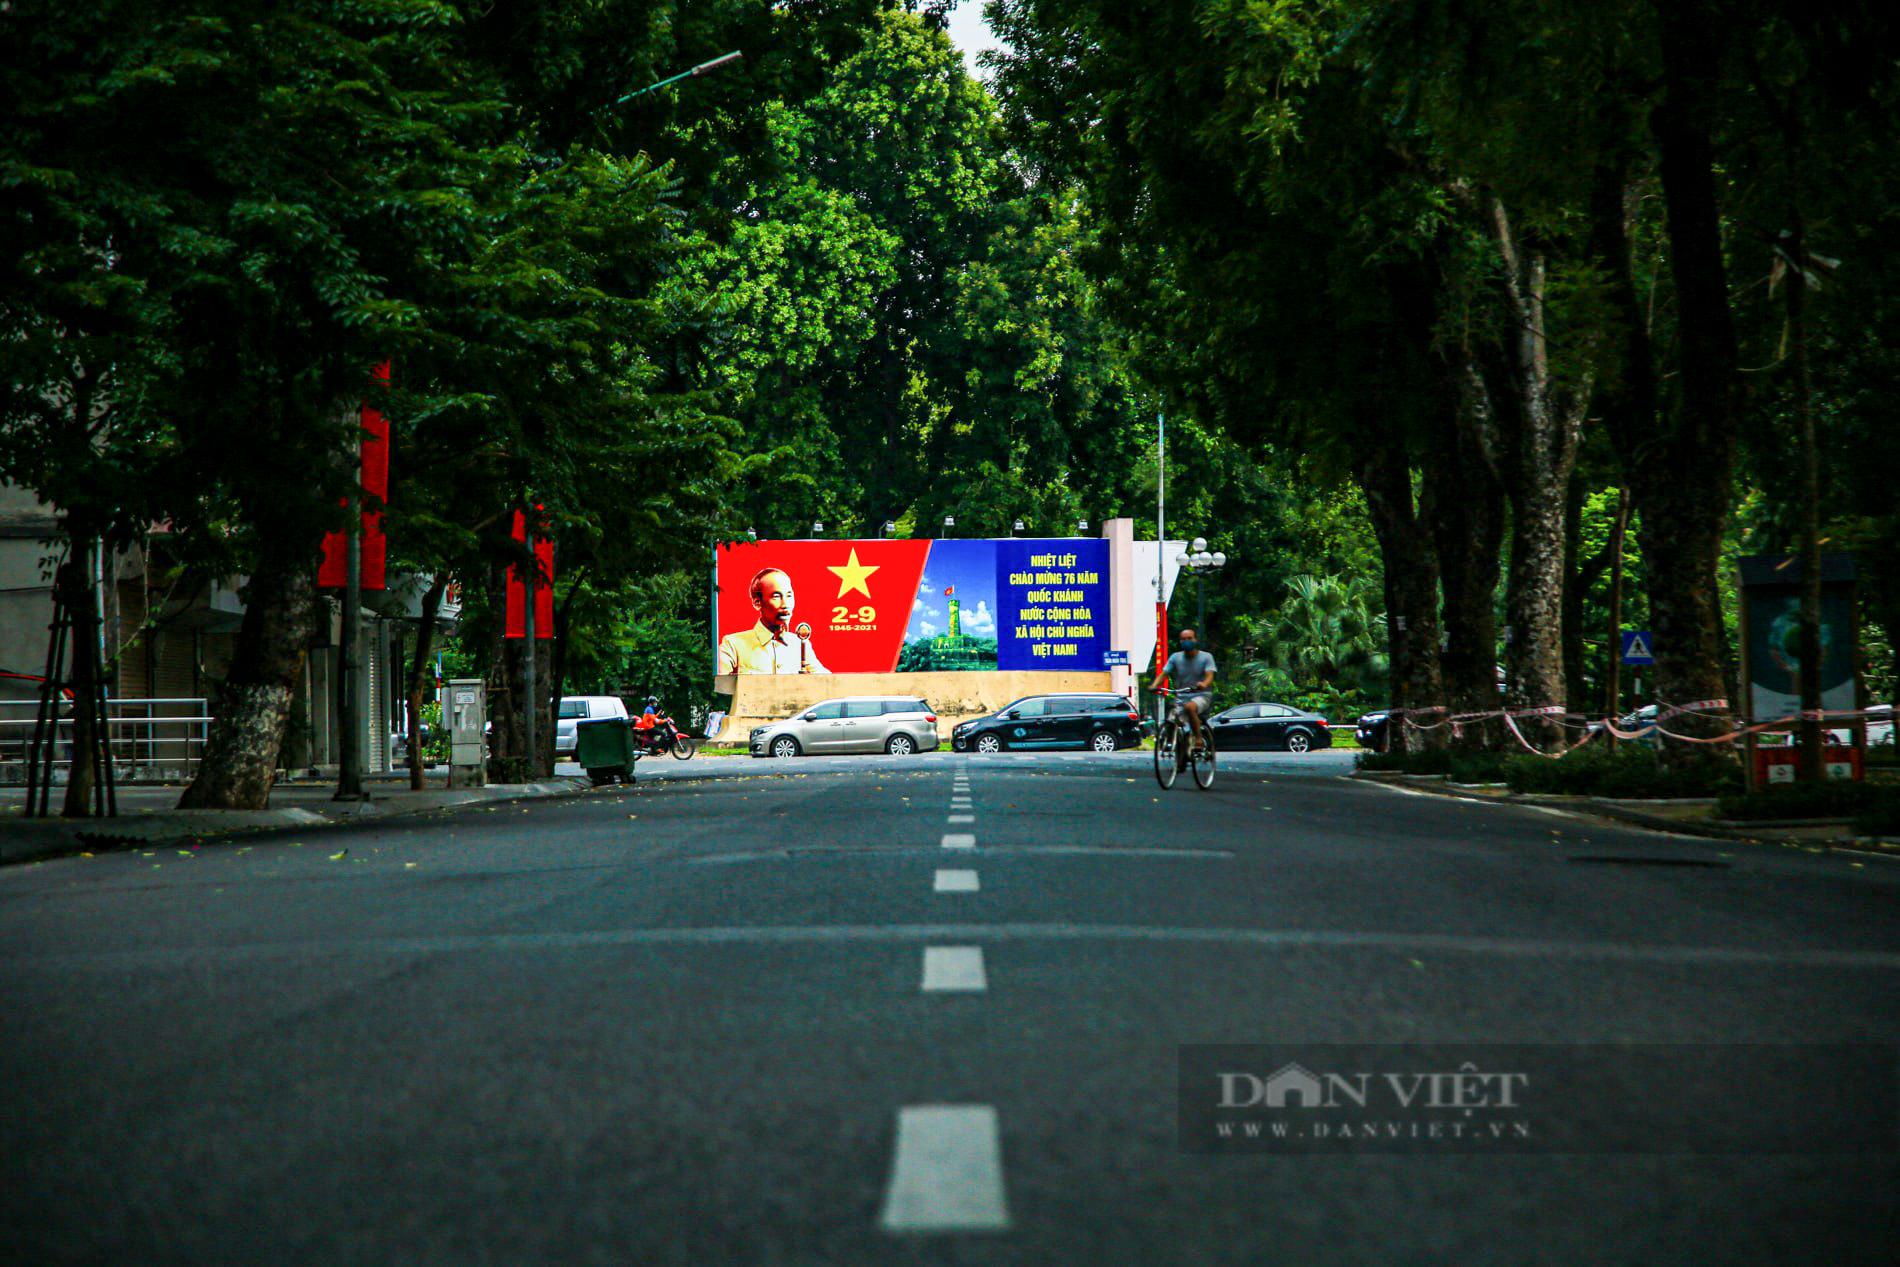 Đường phố Hà Nội rực rỡ sắc đỏ chào mừng Quốc khánh 2/9 - Ảnh 1.